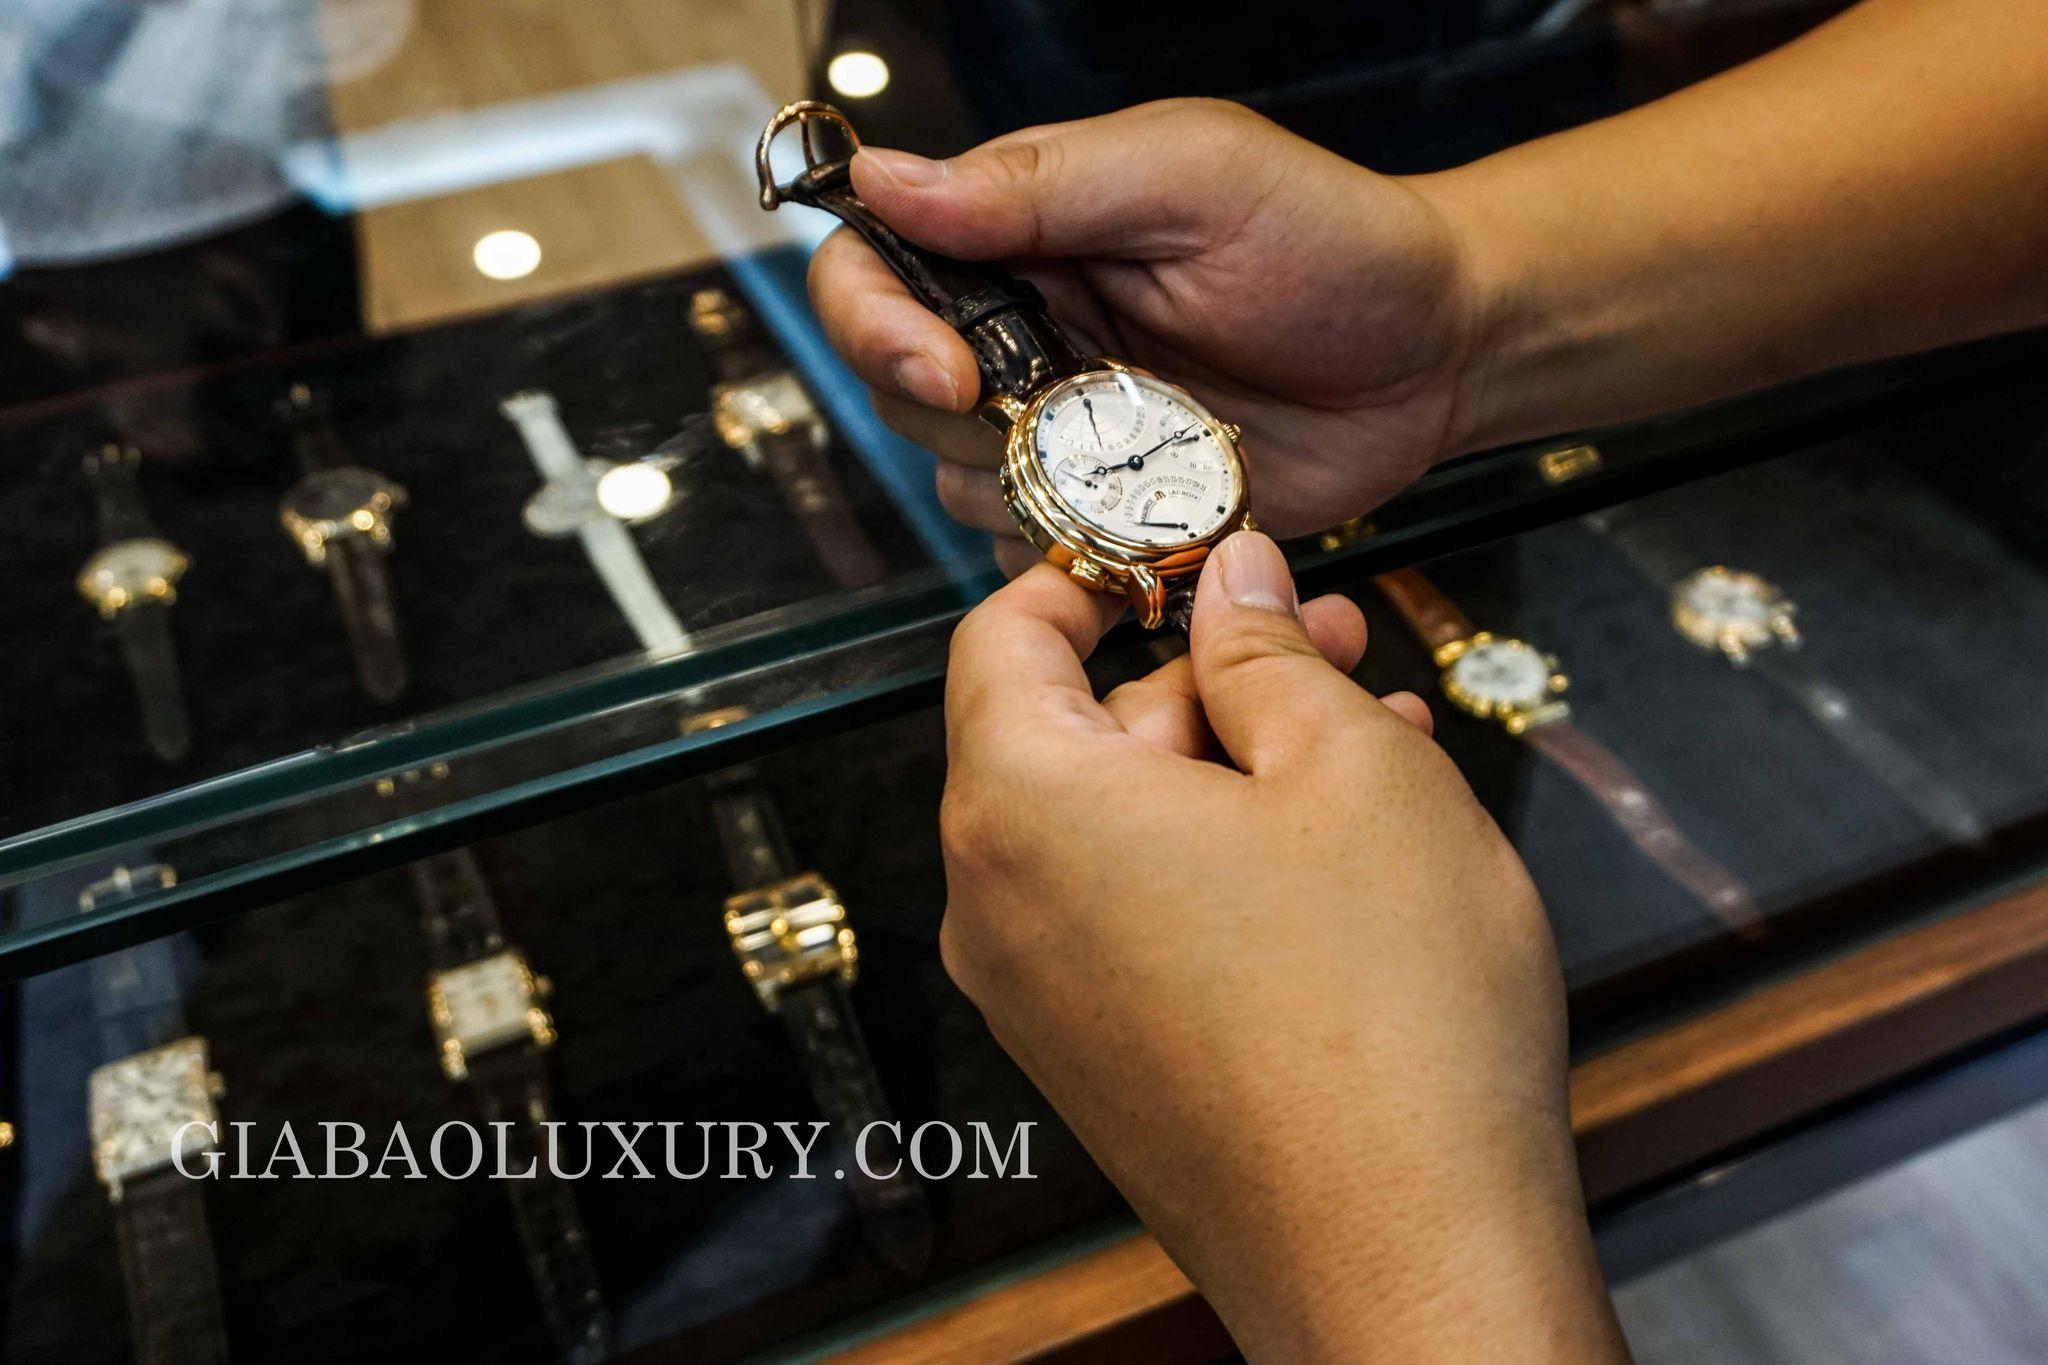 Gia Bảo Luxury - Địa chỉ thu mua đồng hồ chính hãng số 1 Việt Nam